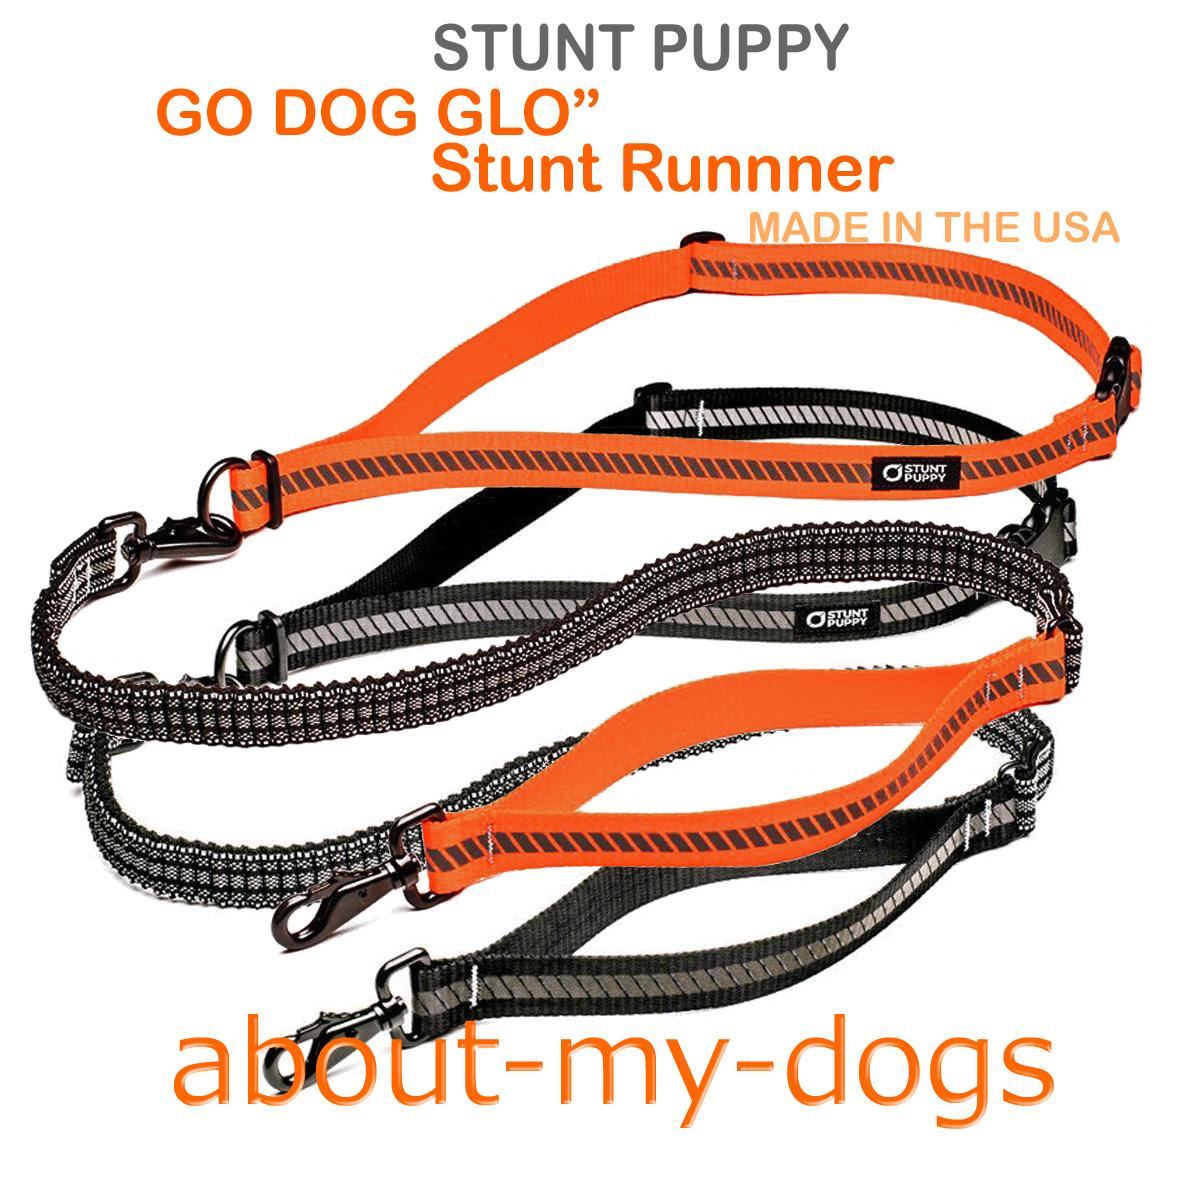 GO DOG GLO STUNT PUPPY